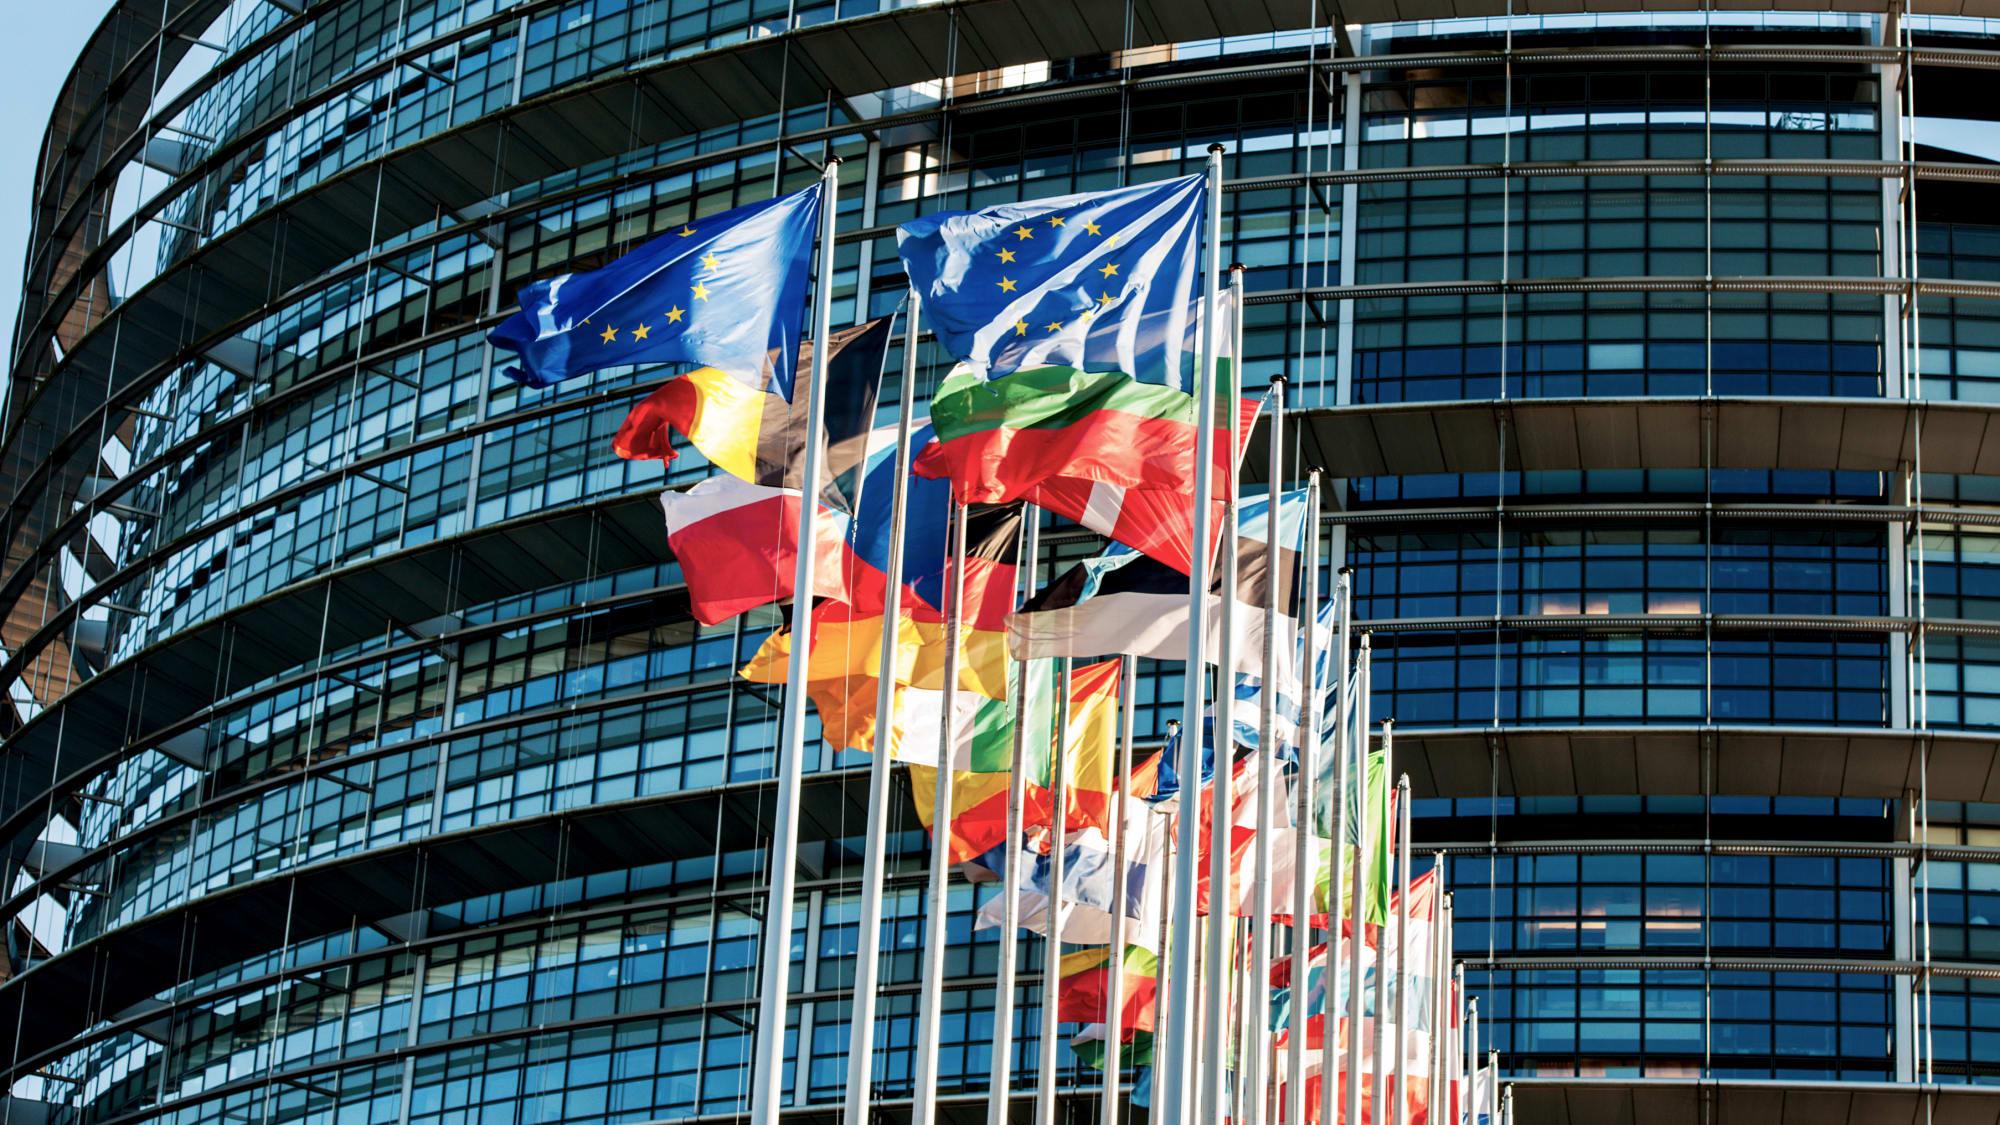 Flaggen vor dem europäischen Parlament